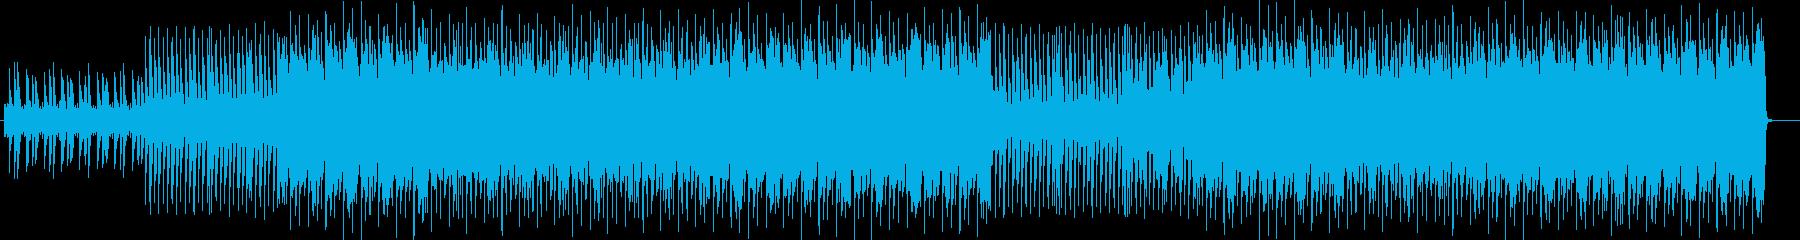 疾走感とおしゃれなシンセサウンドの再生済みの波形